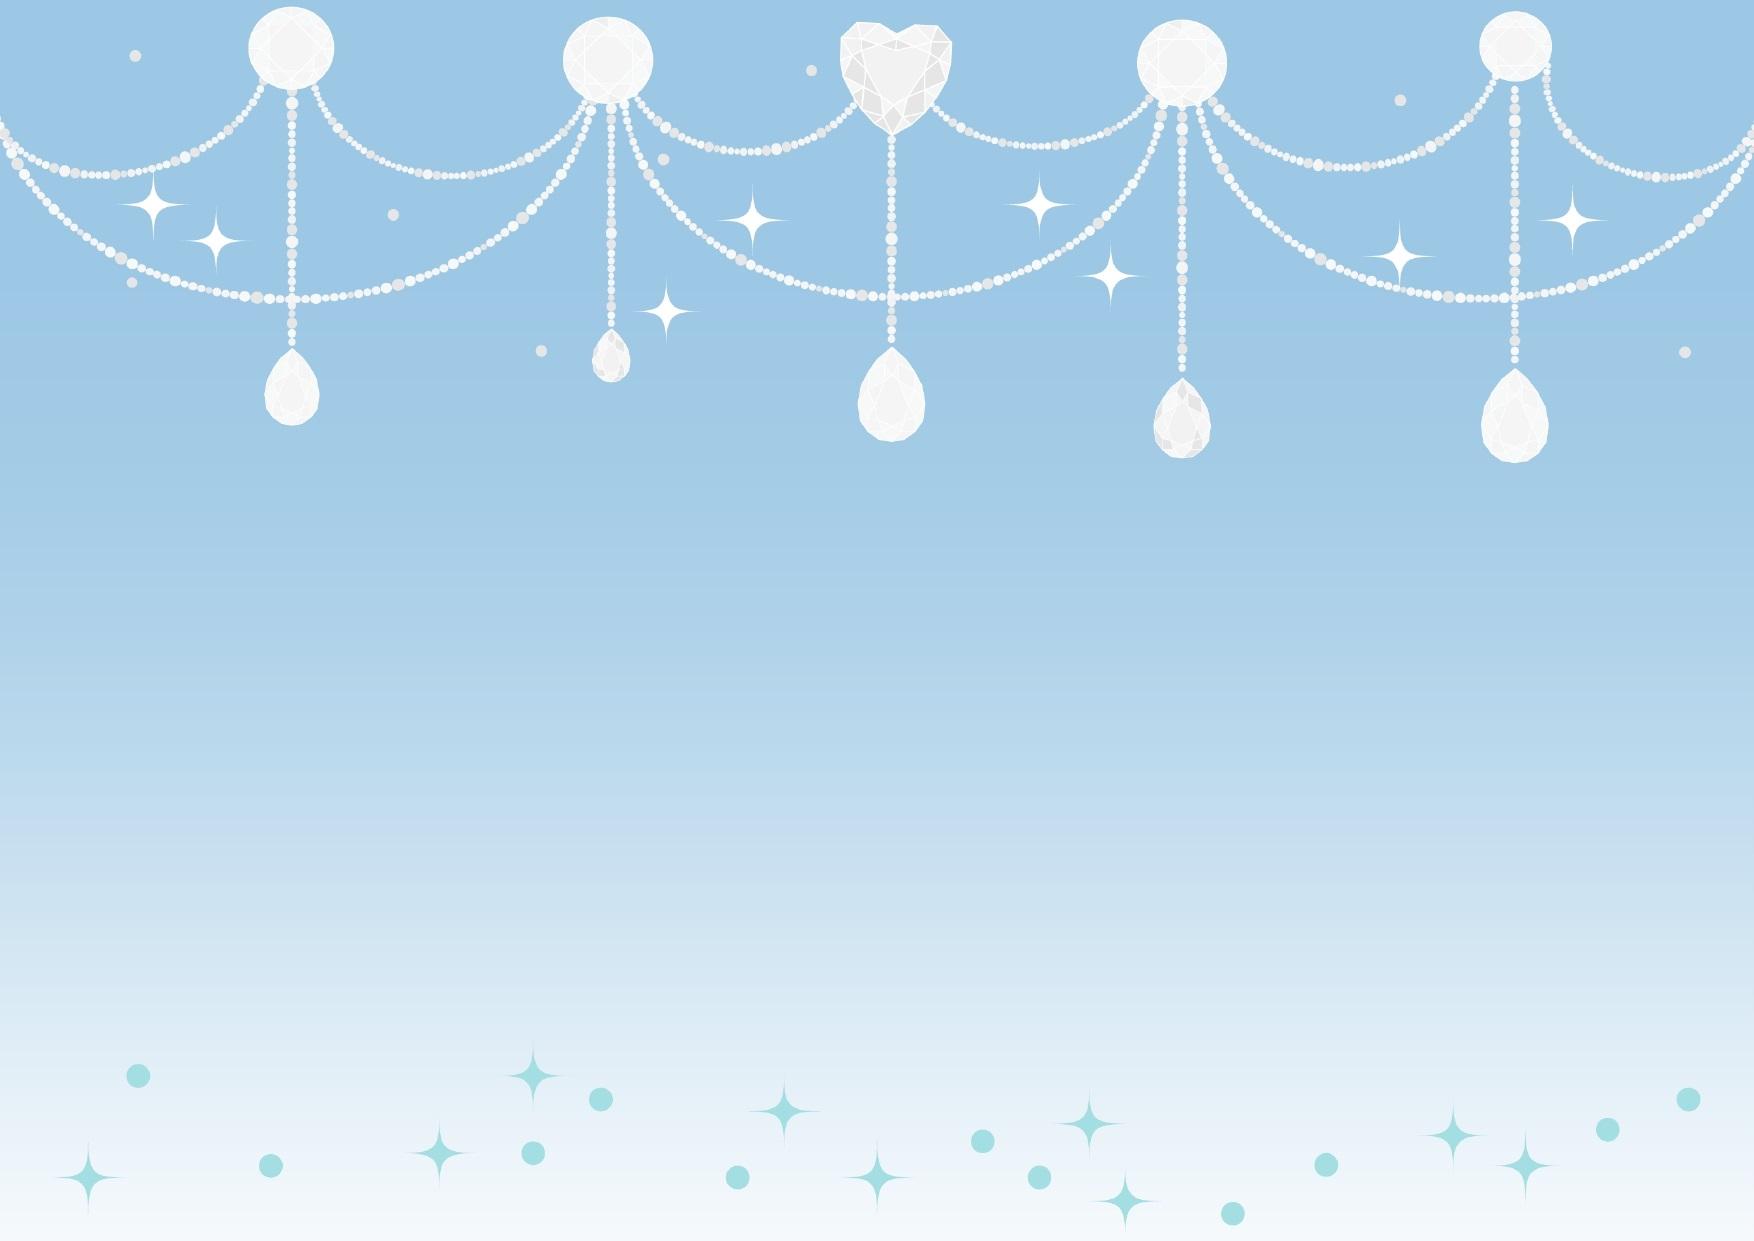 背景が青色と白いジュエル「宝石」のキラキラ!フレーム